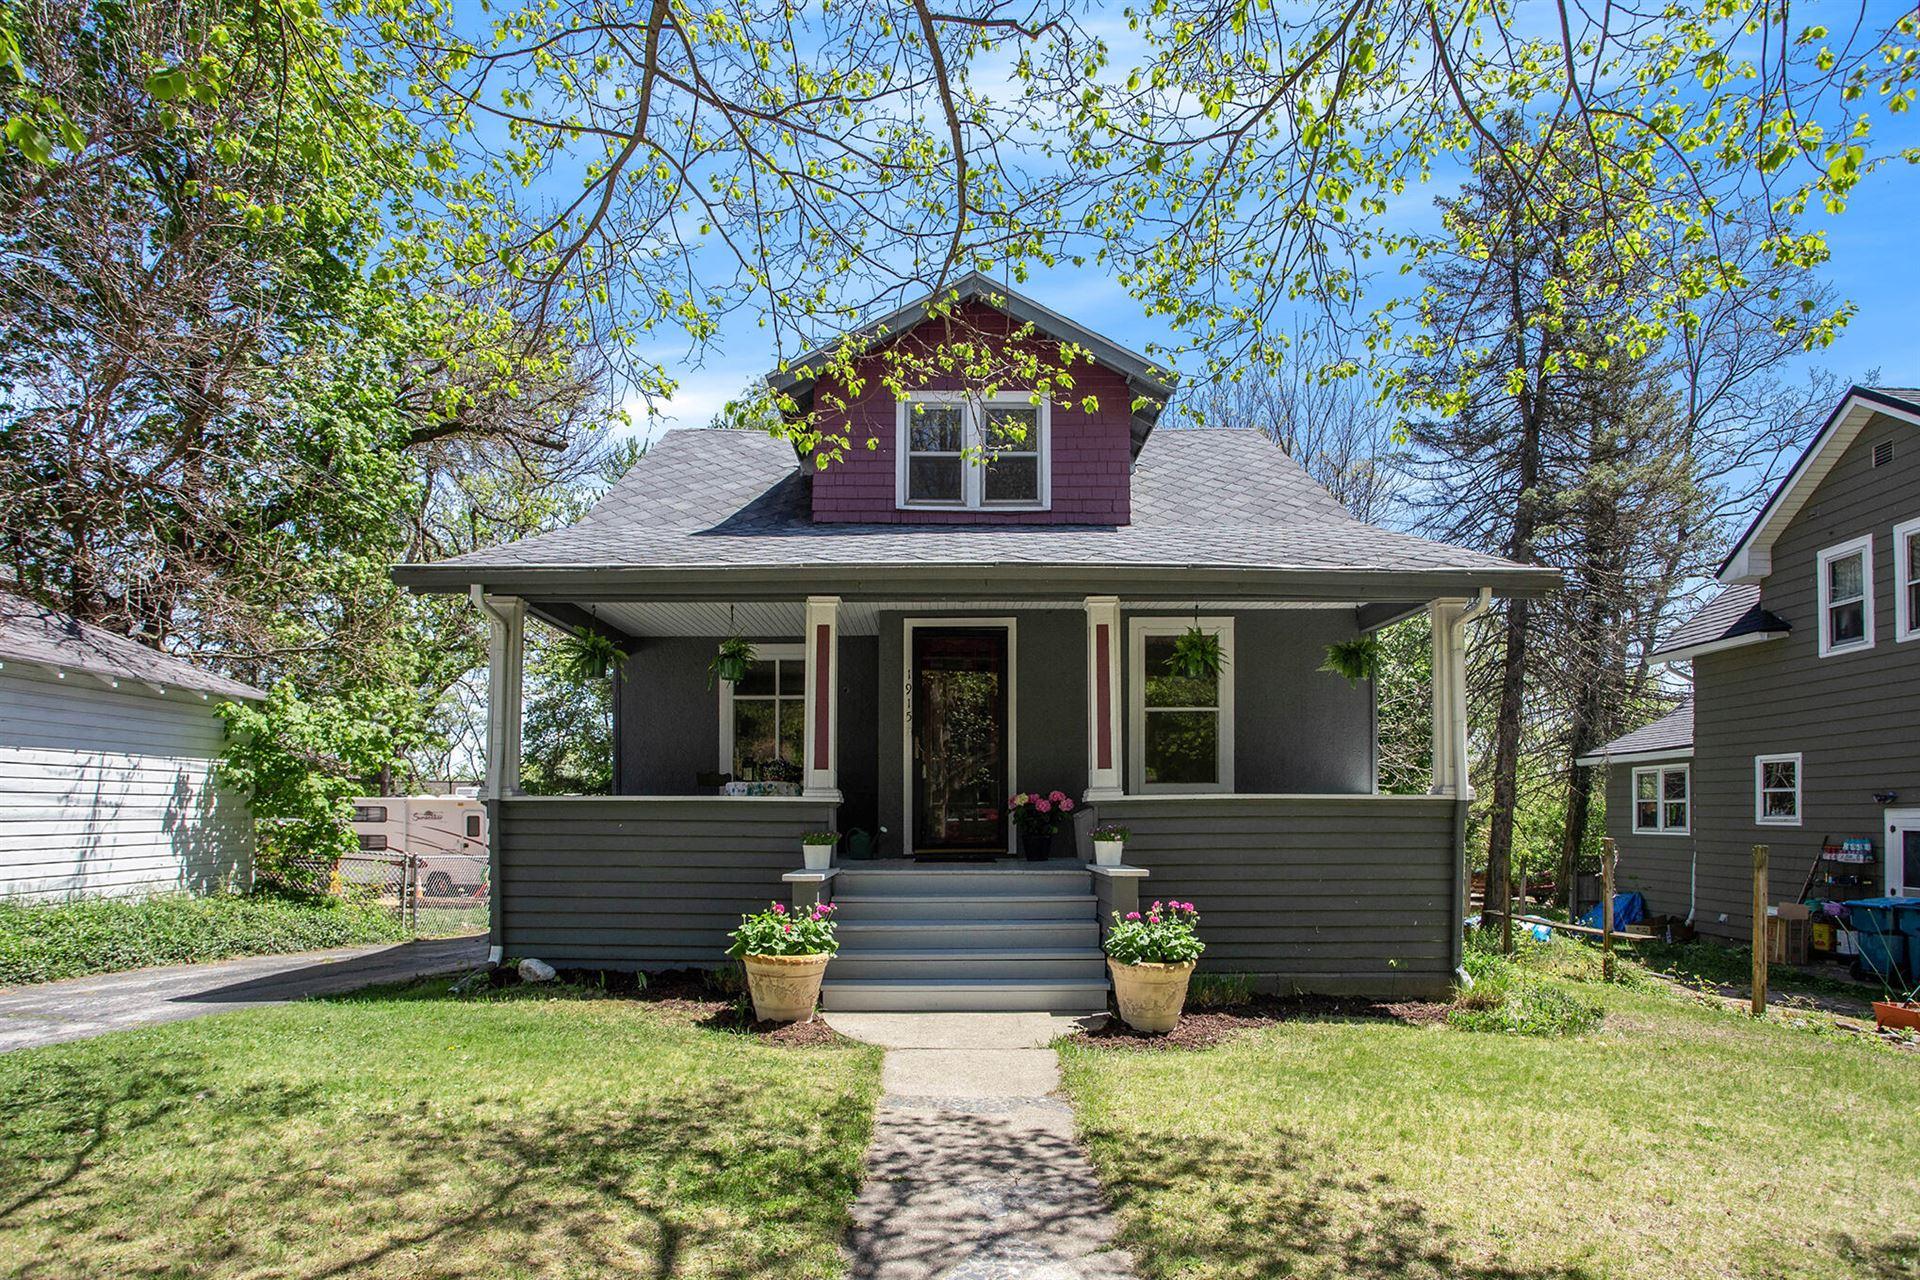 1915 Indiana Street, Kalamazoo, MI 49008 - MLS#: 21017033